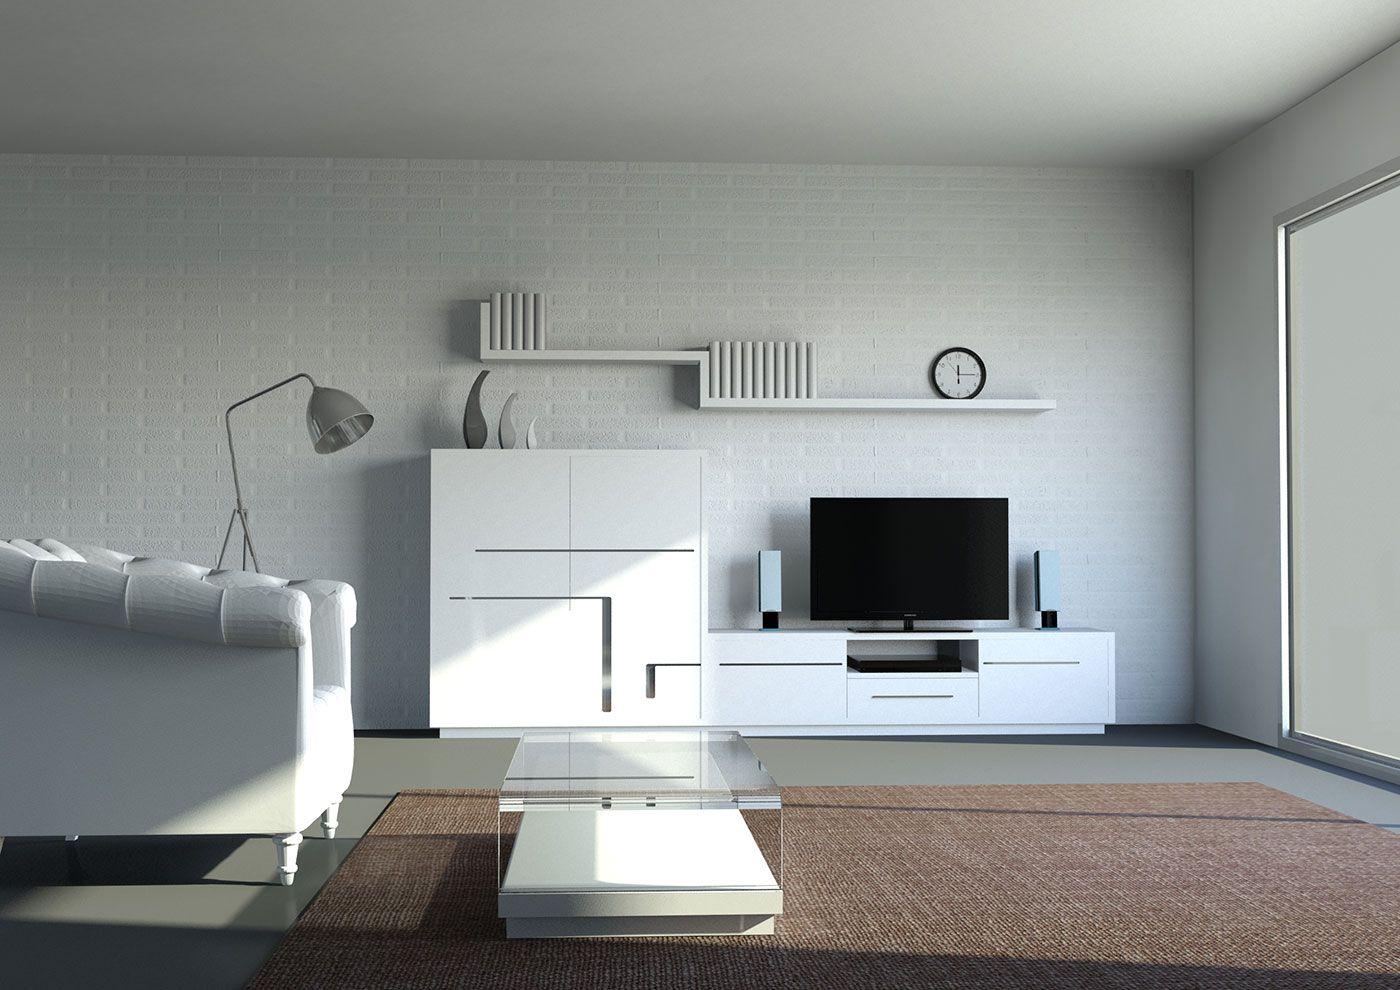 Sal n comedor muebles arriazu ablitas navarra decoraci n pinterest muebles salon - Muebles arriazu ...